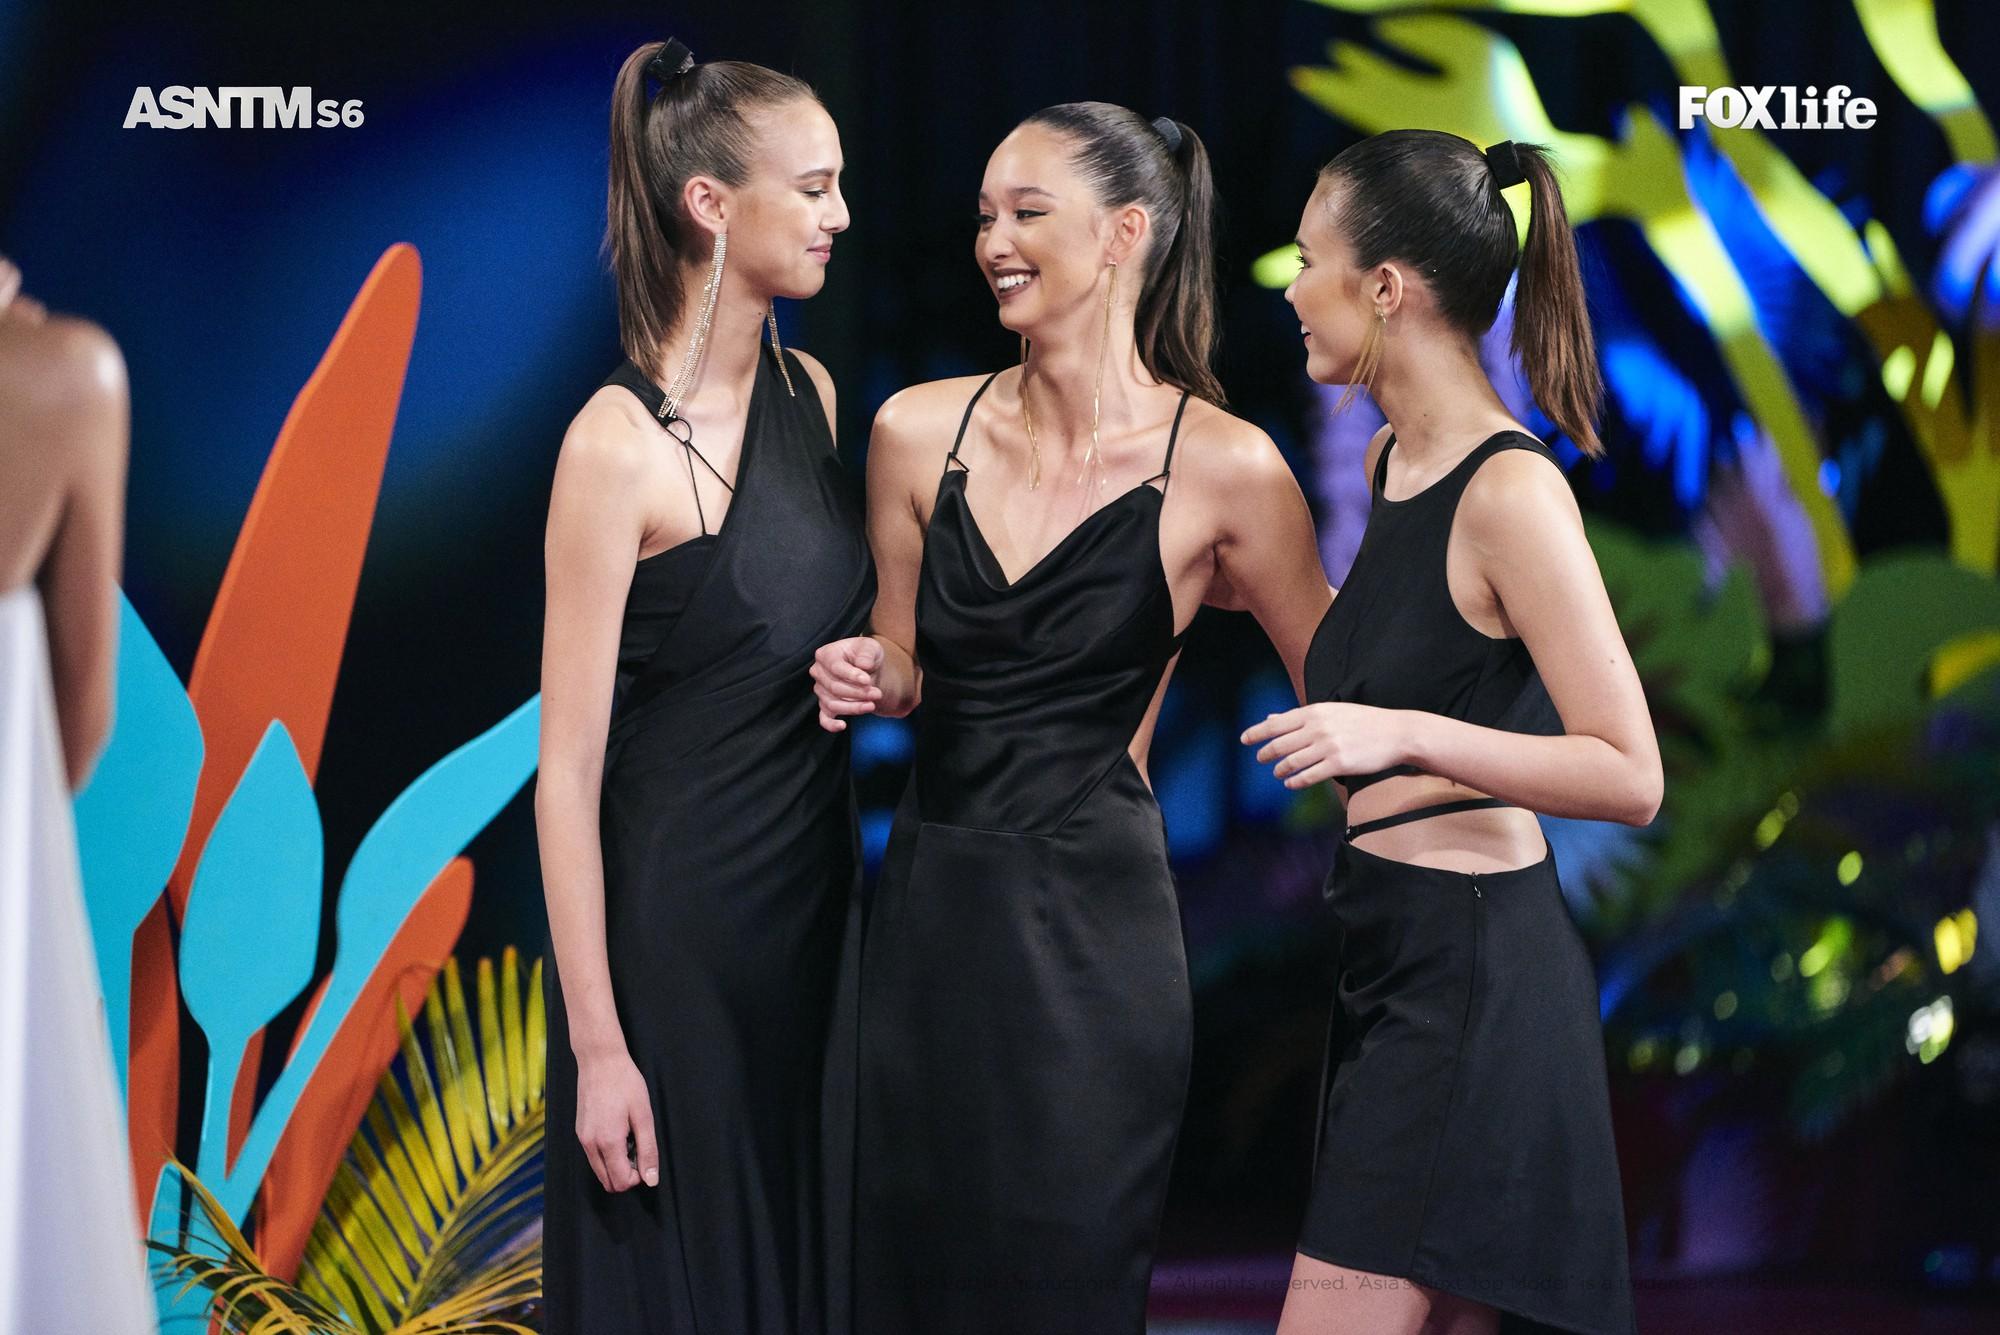 Bất ngờ chưa? 2 cựu Á quân Next Top Model lại bị lính mới đánh bại tại phiên bản châu Á! - Ảnh 2.